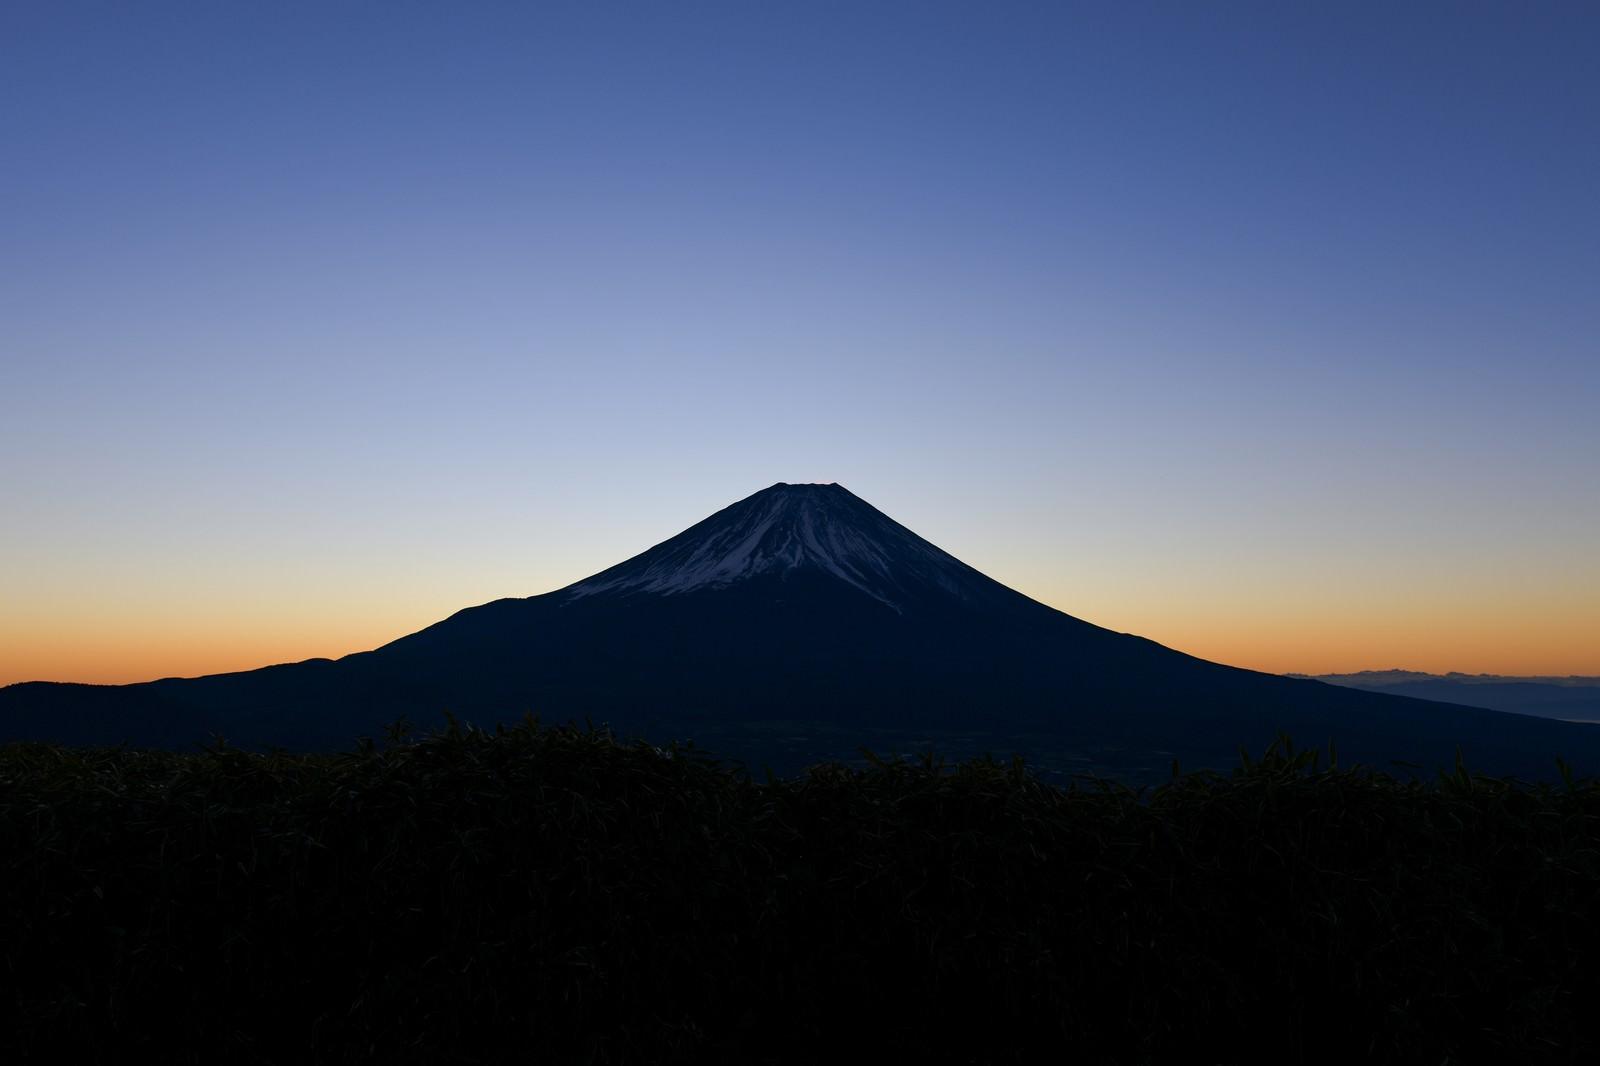 「夜明け前の富士山と朝焼け(竜ヶ岳)」の写真